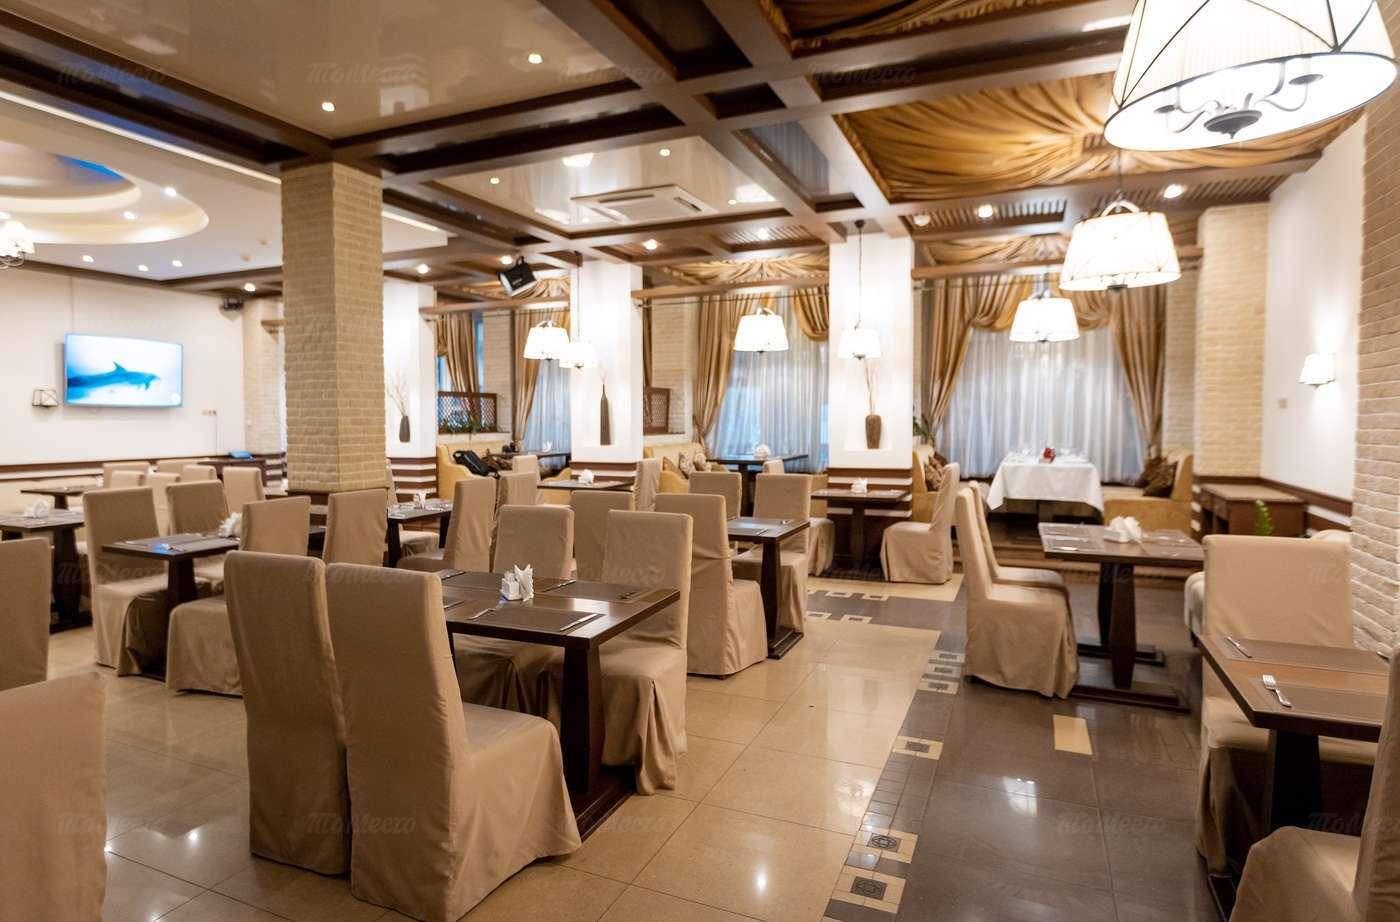 Ресторан Вилладж. Москва Балашиха, ул. Звёздная, д. 7Б